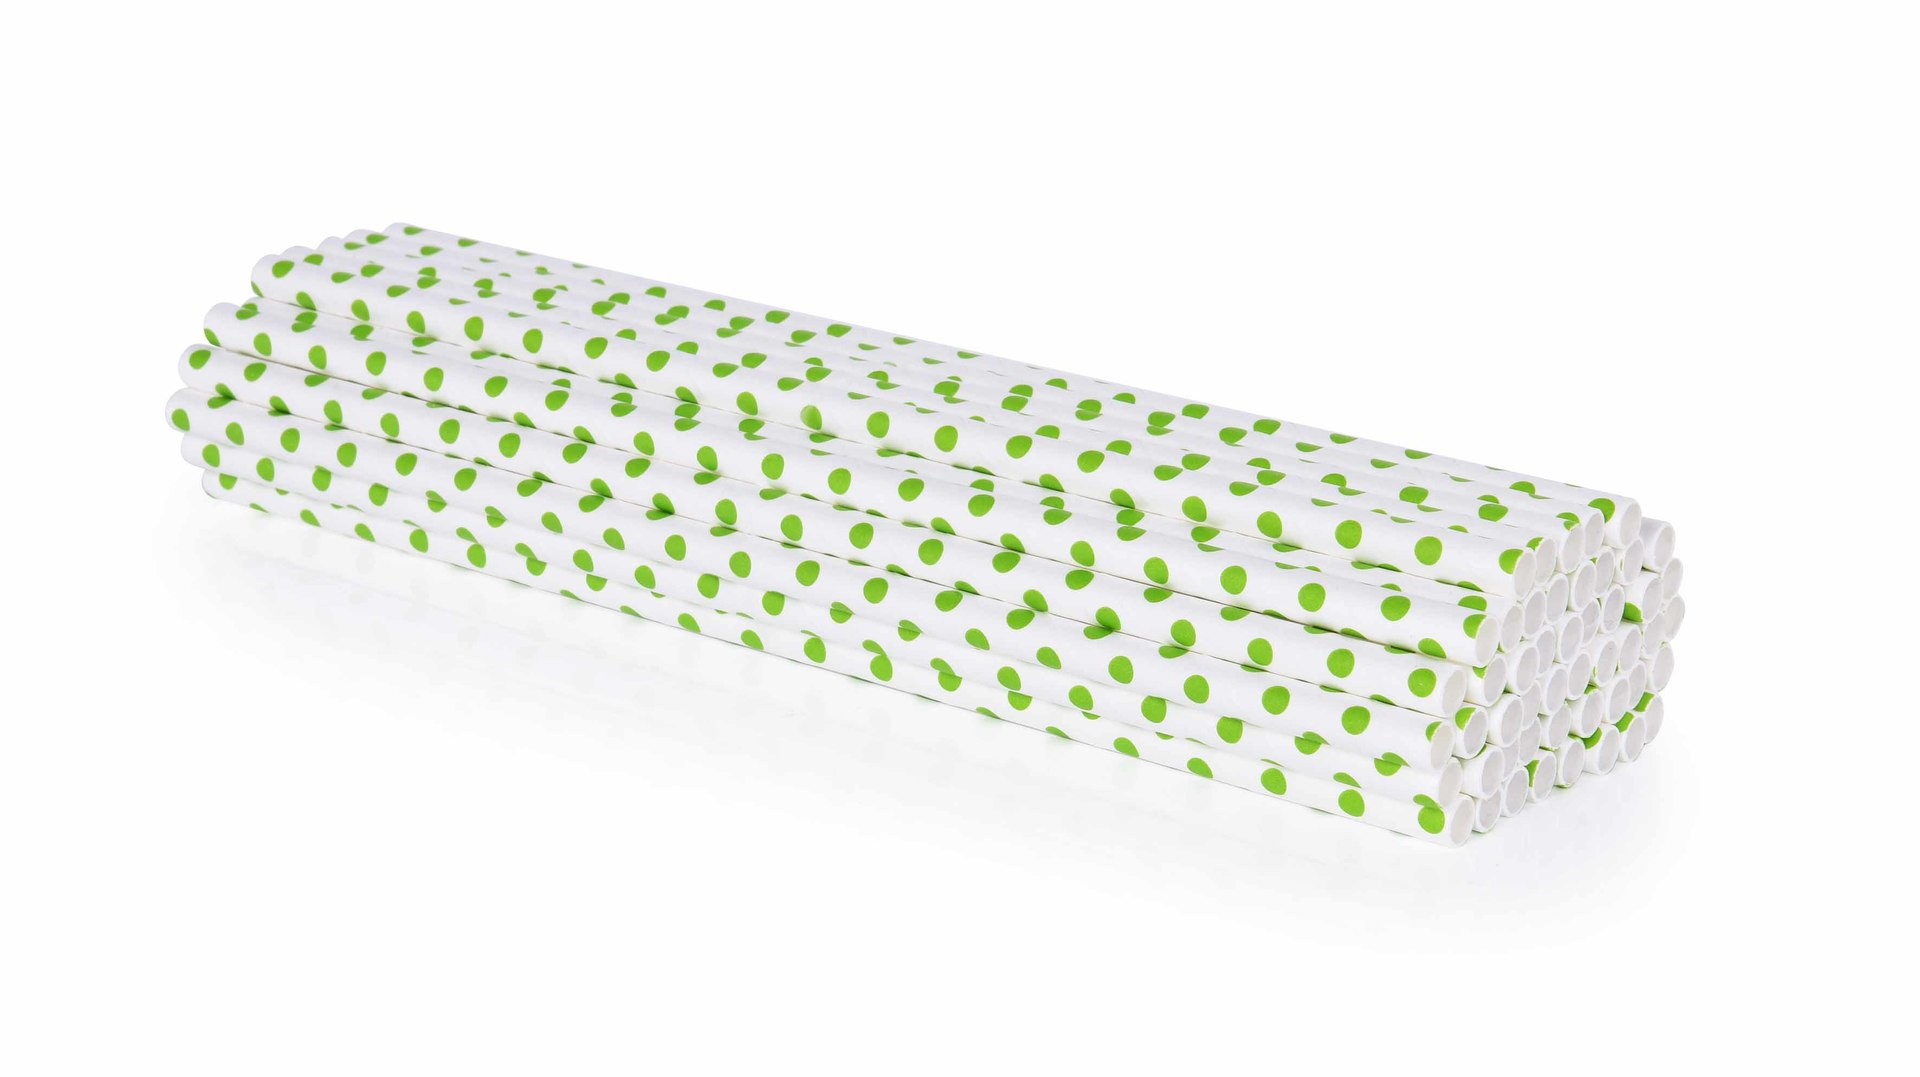 50 ks EKOSLÁMKY papírové, jednorázové, recyklovatelné a kompostovatelné